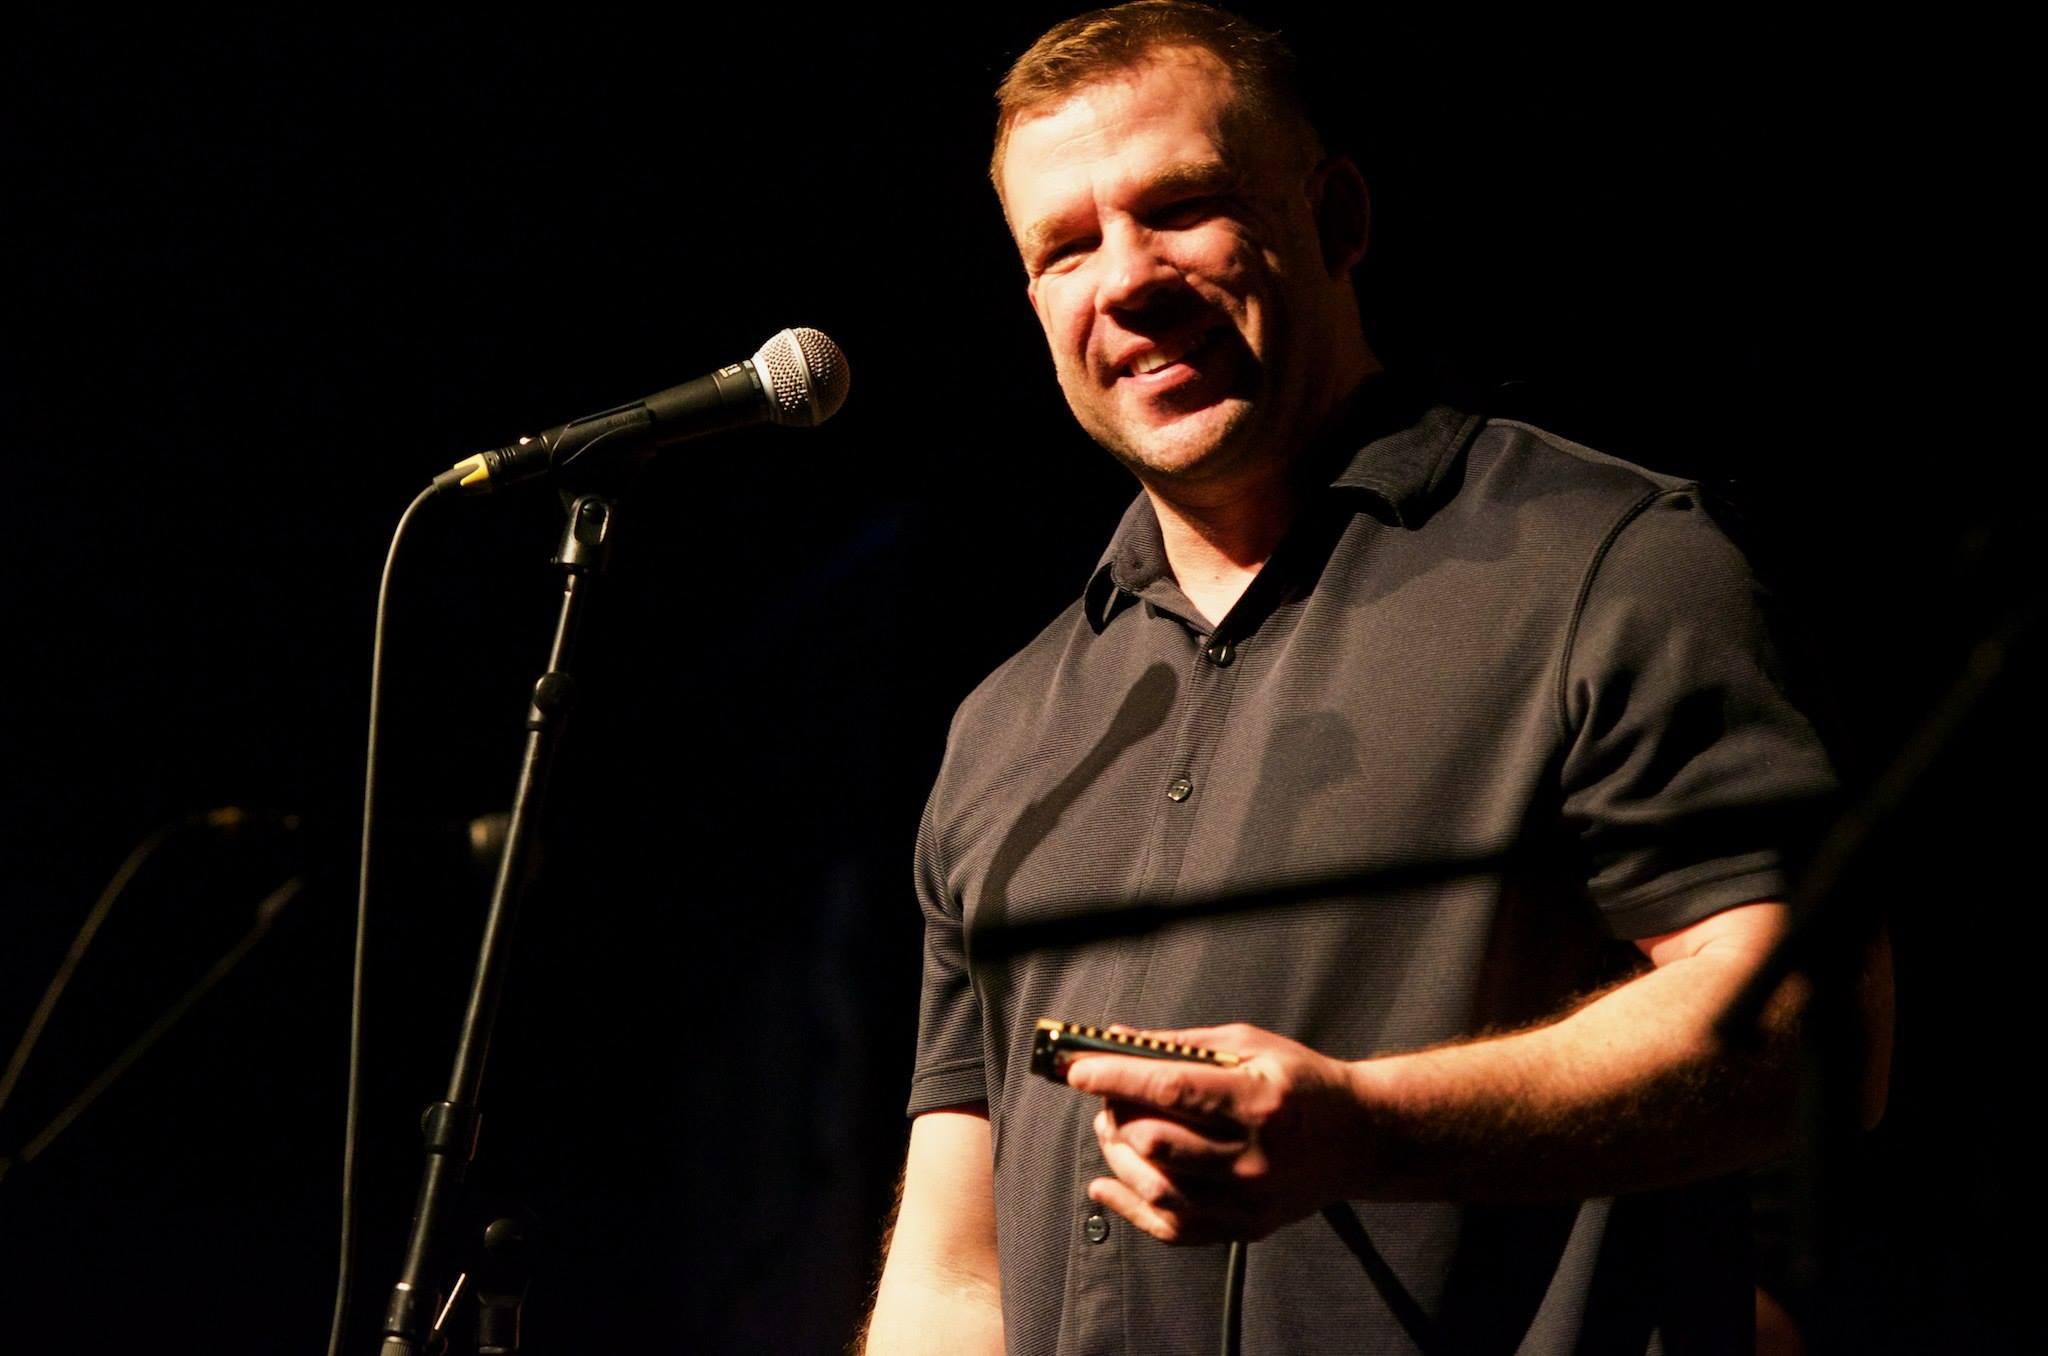 Chris O'Leary